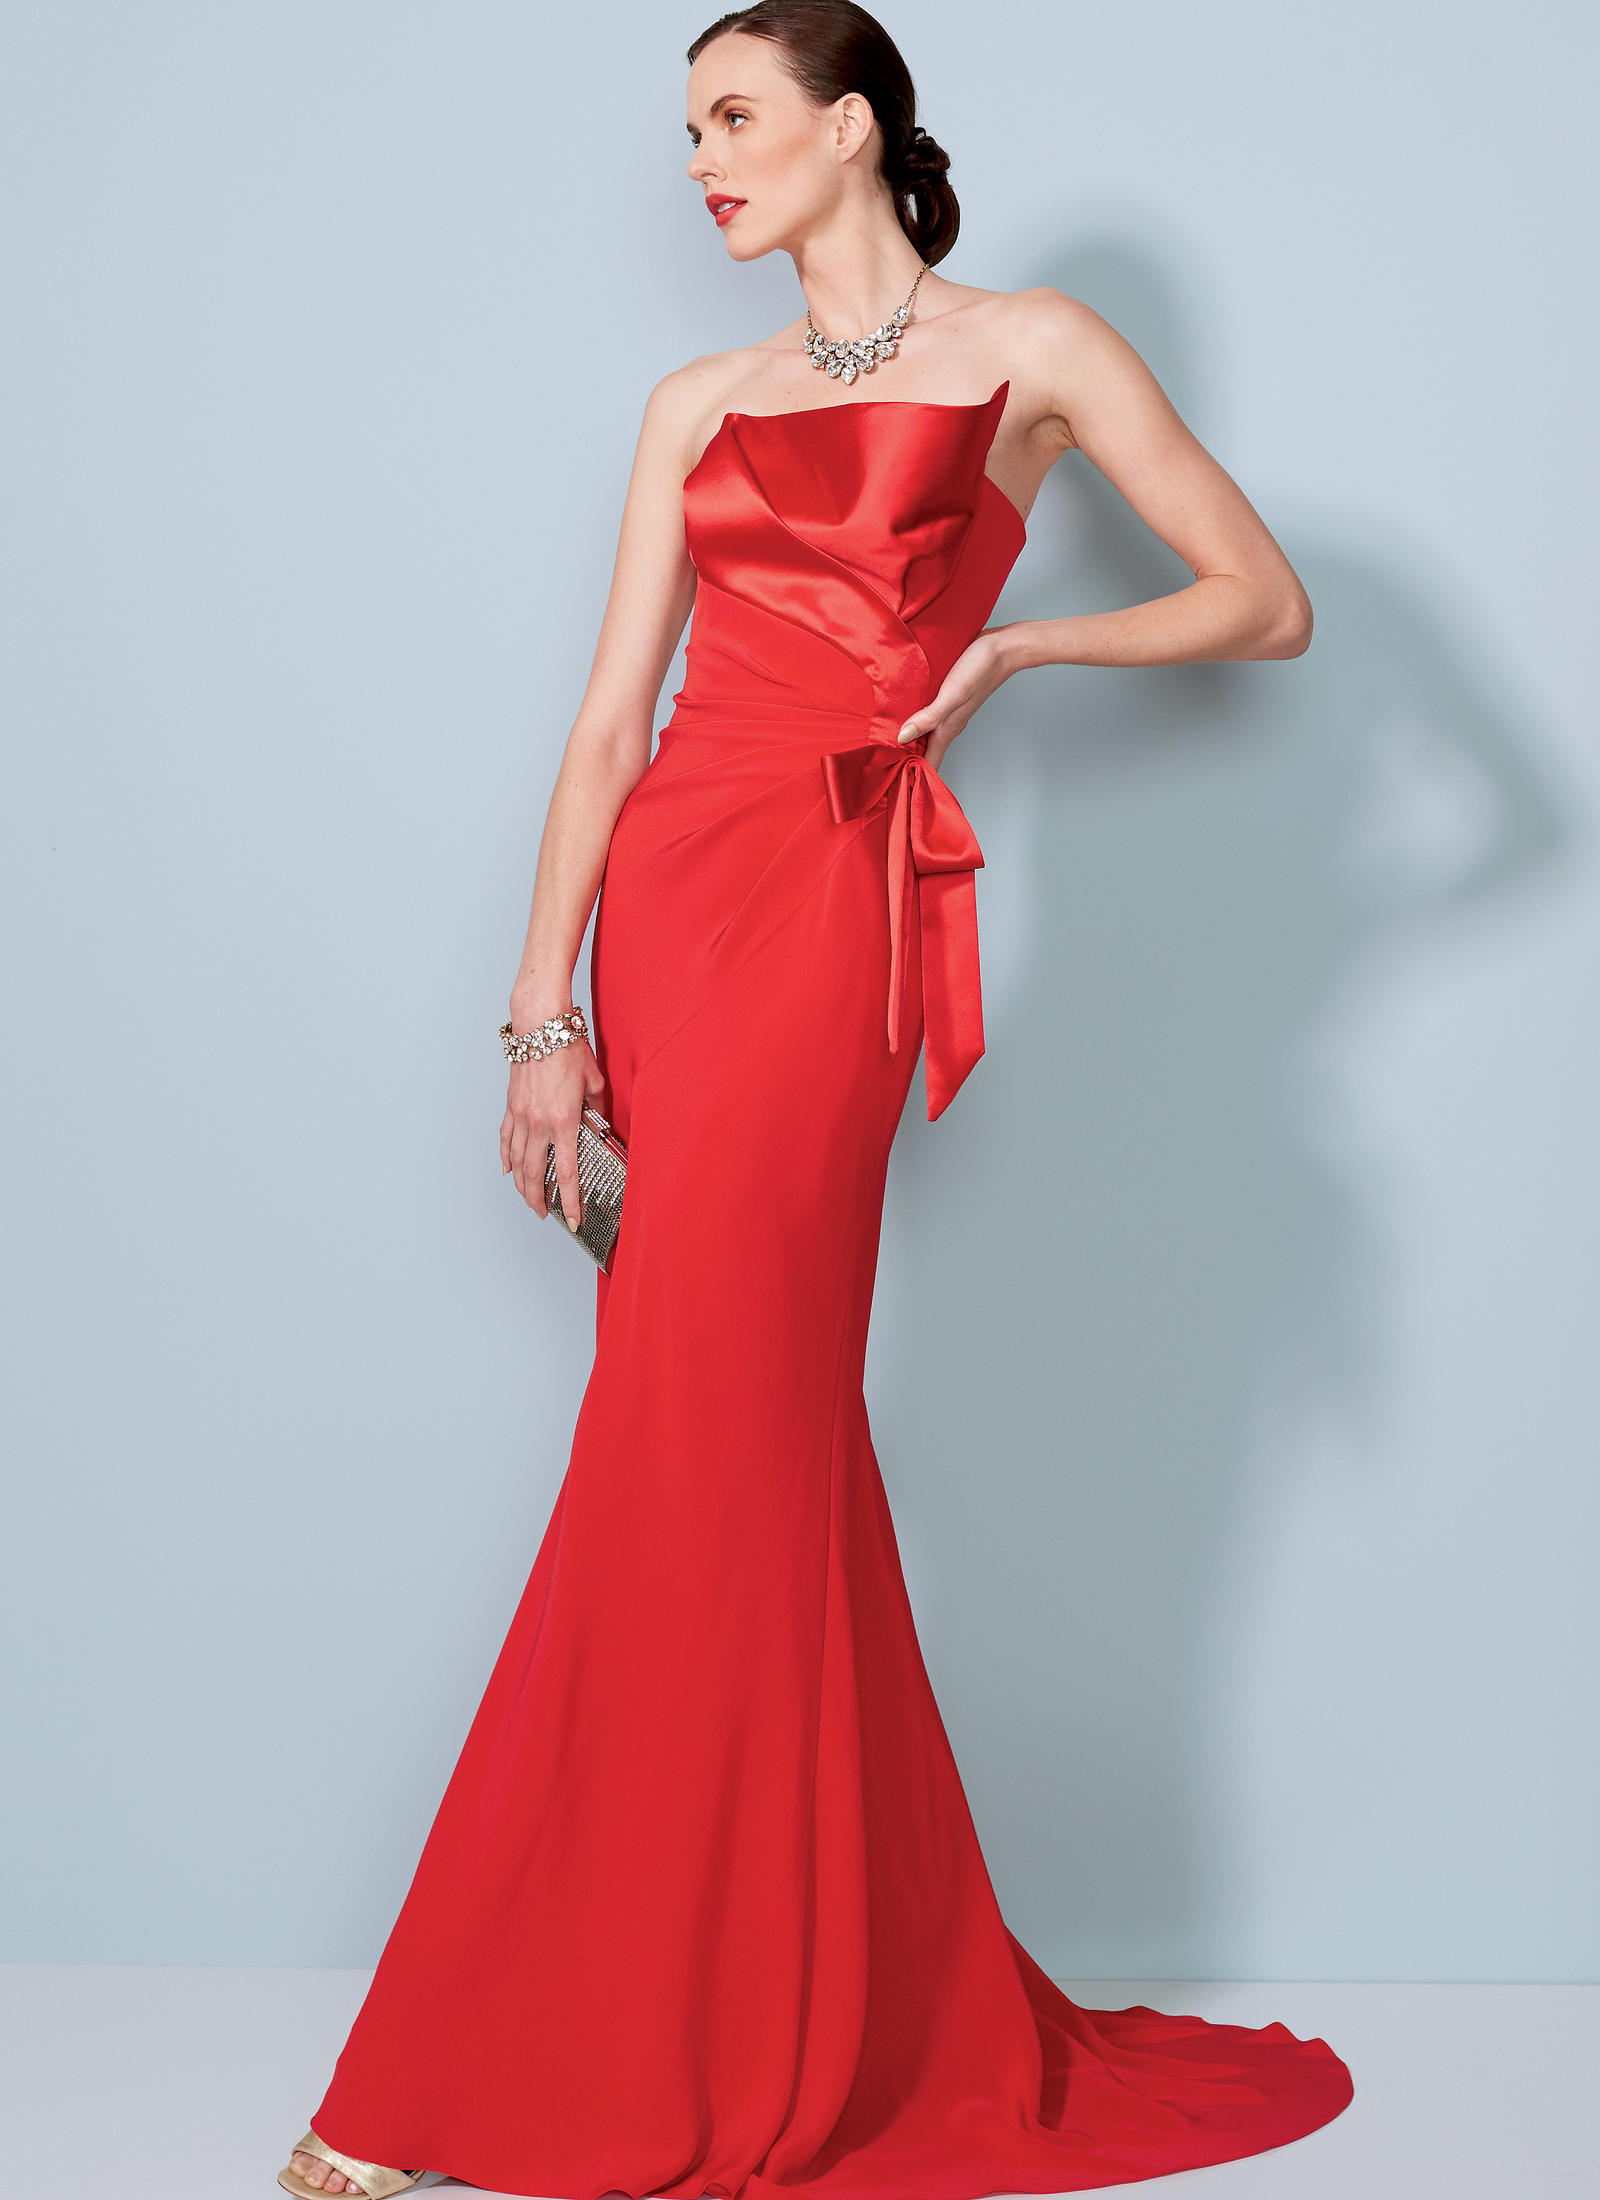 Vogue Patterns 1533 Misses Strapless Front Drape Dress